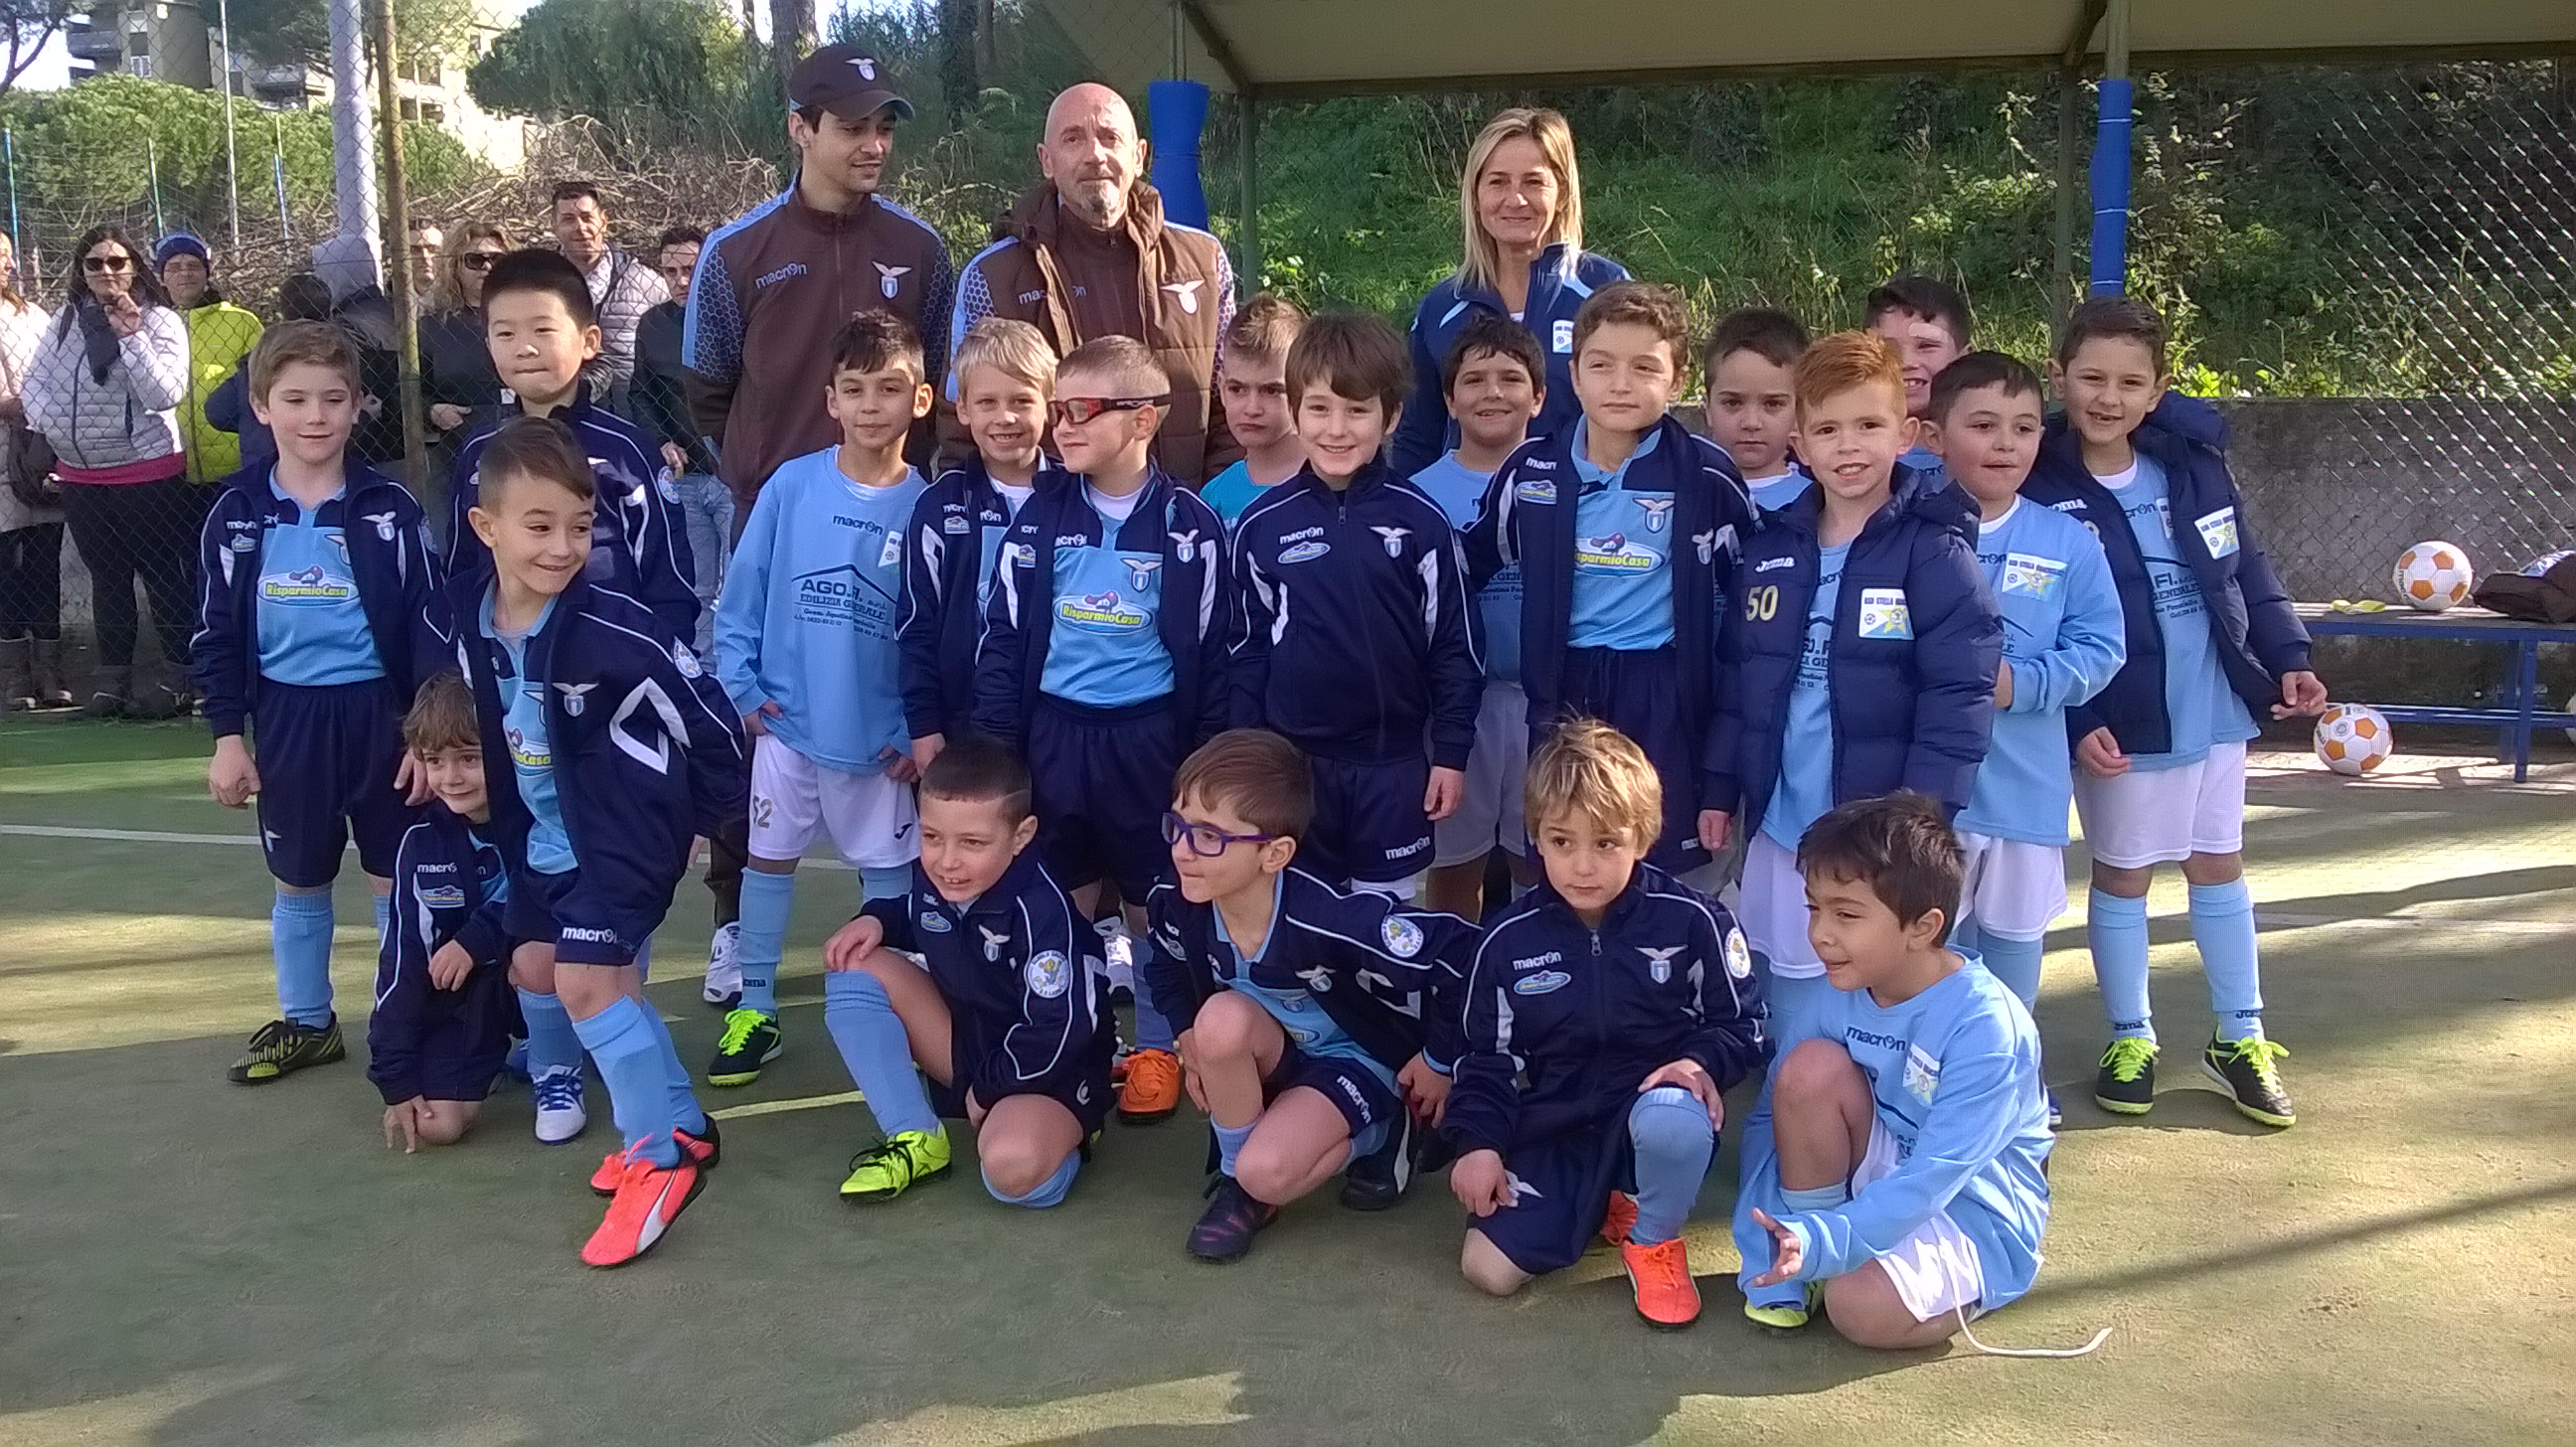 liceo lazio calcio - photo#17